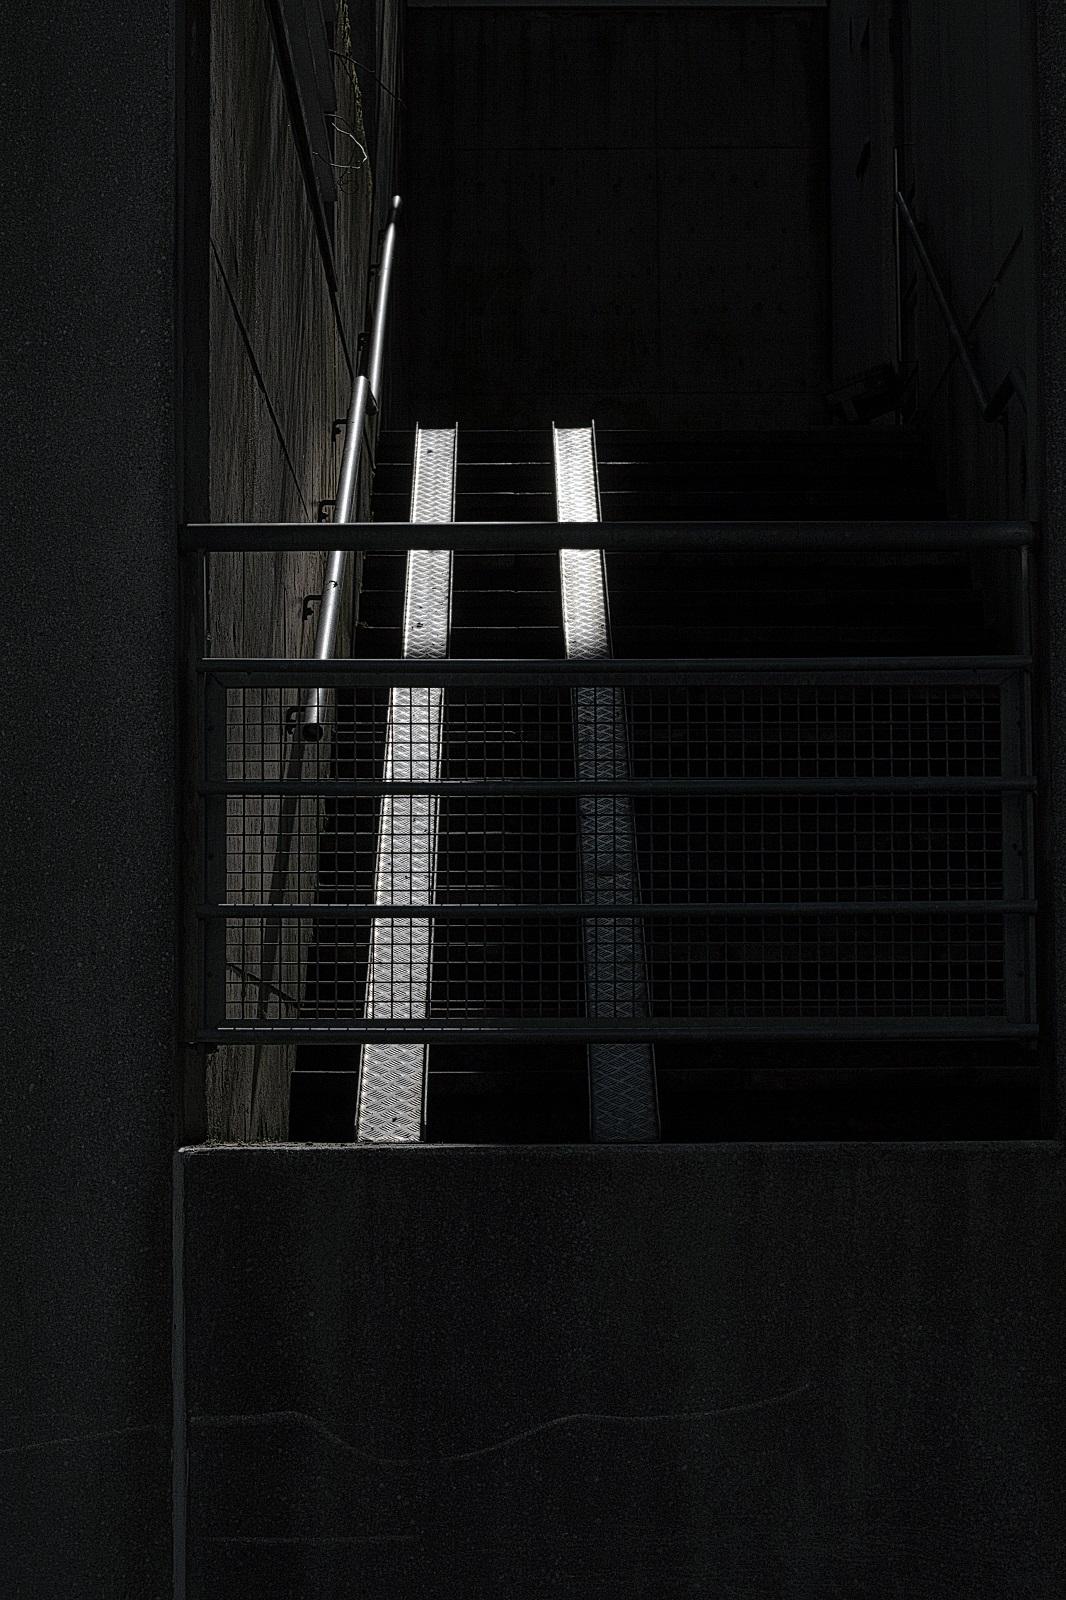 Nimi: Portaista, Kuvaaja: Esa Suomaa